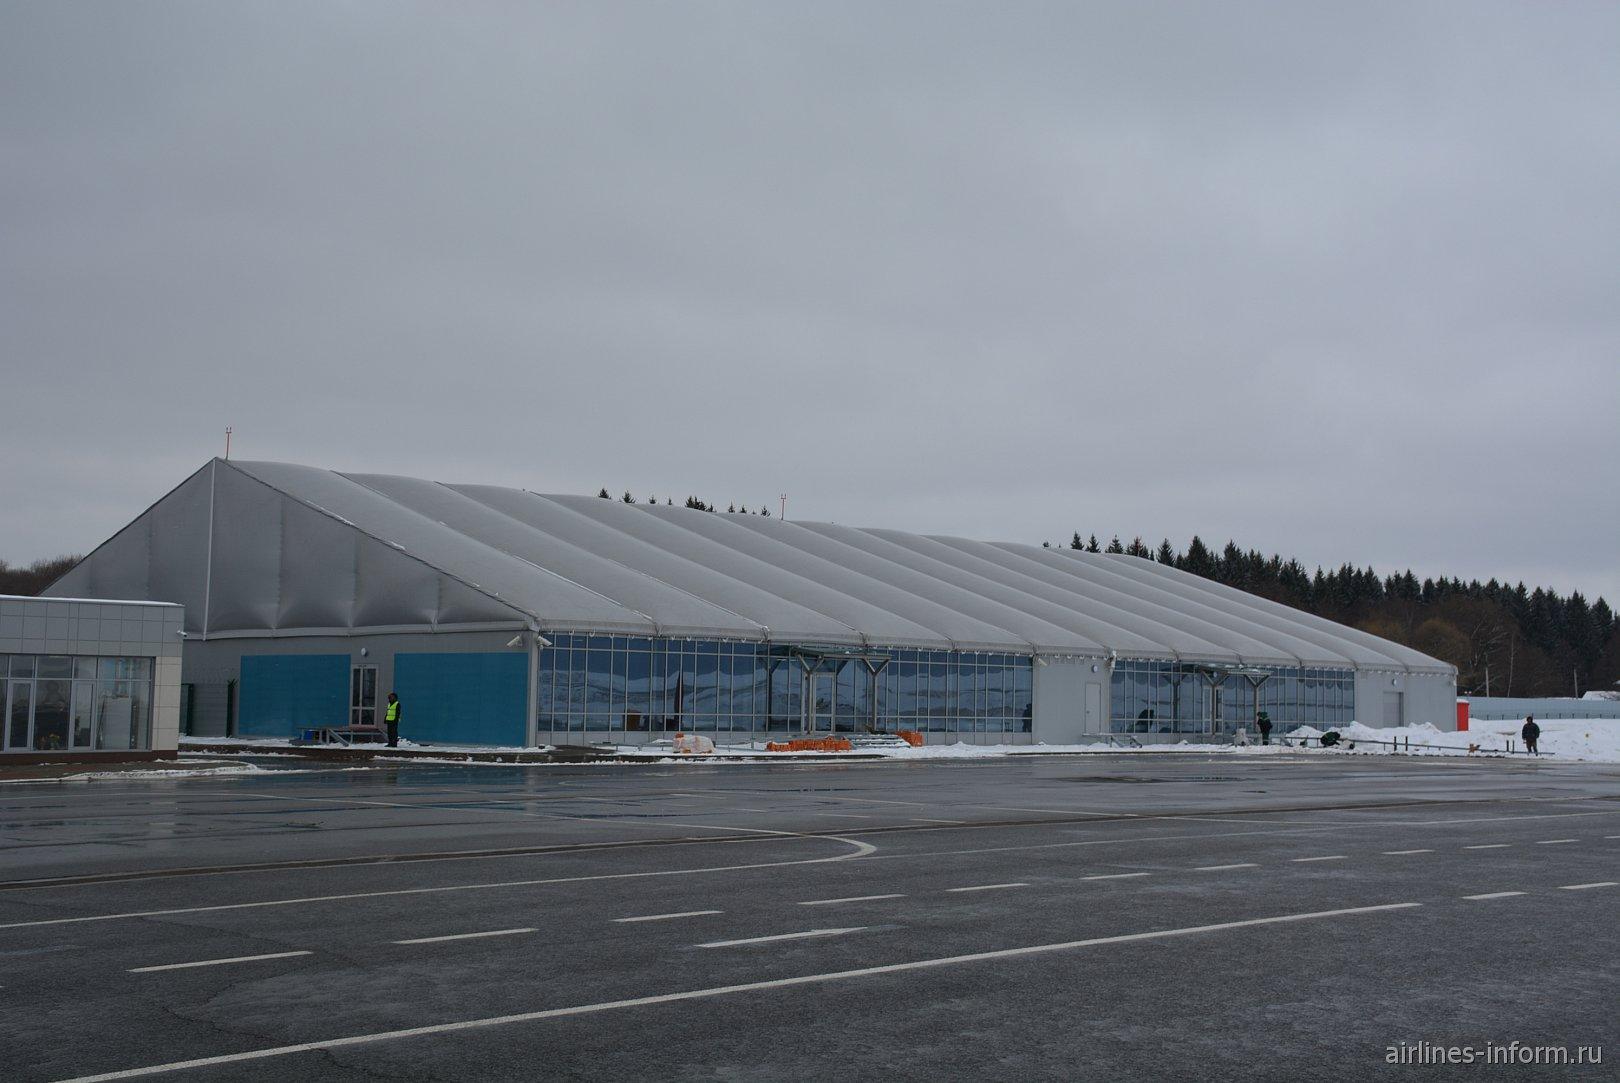 Международный терминал аэропорта Калуга Грабцево